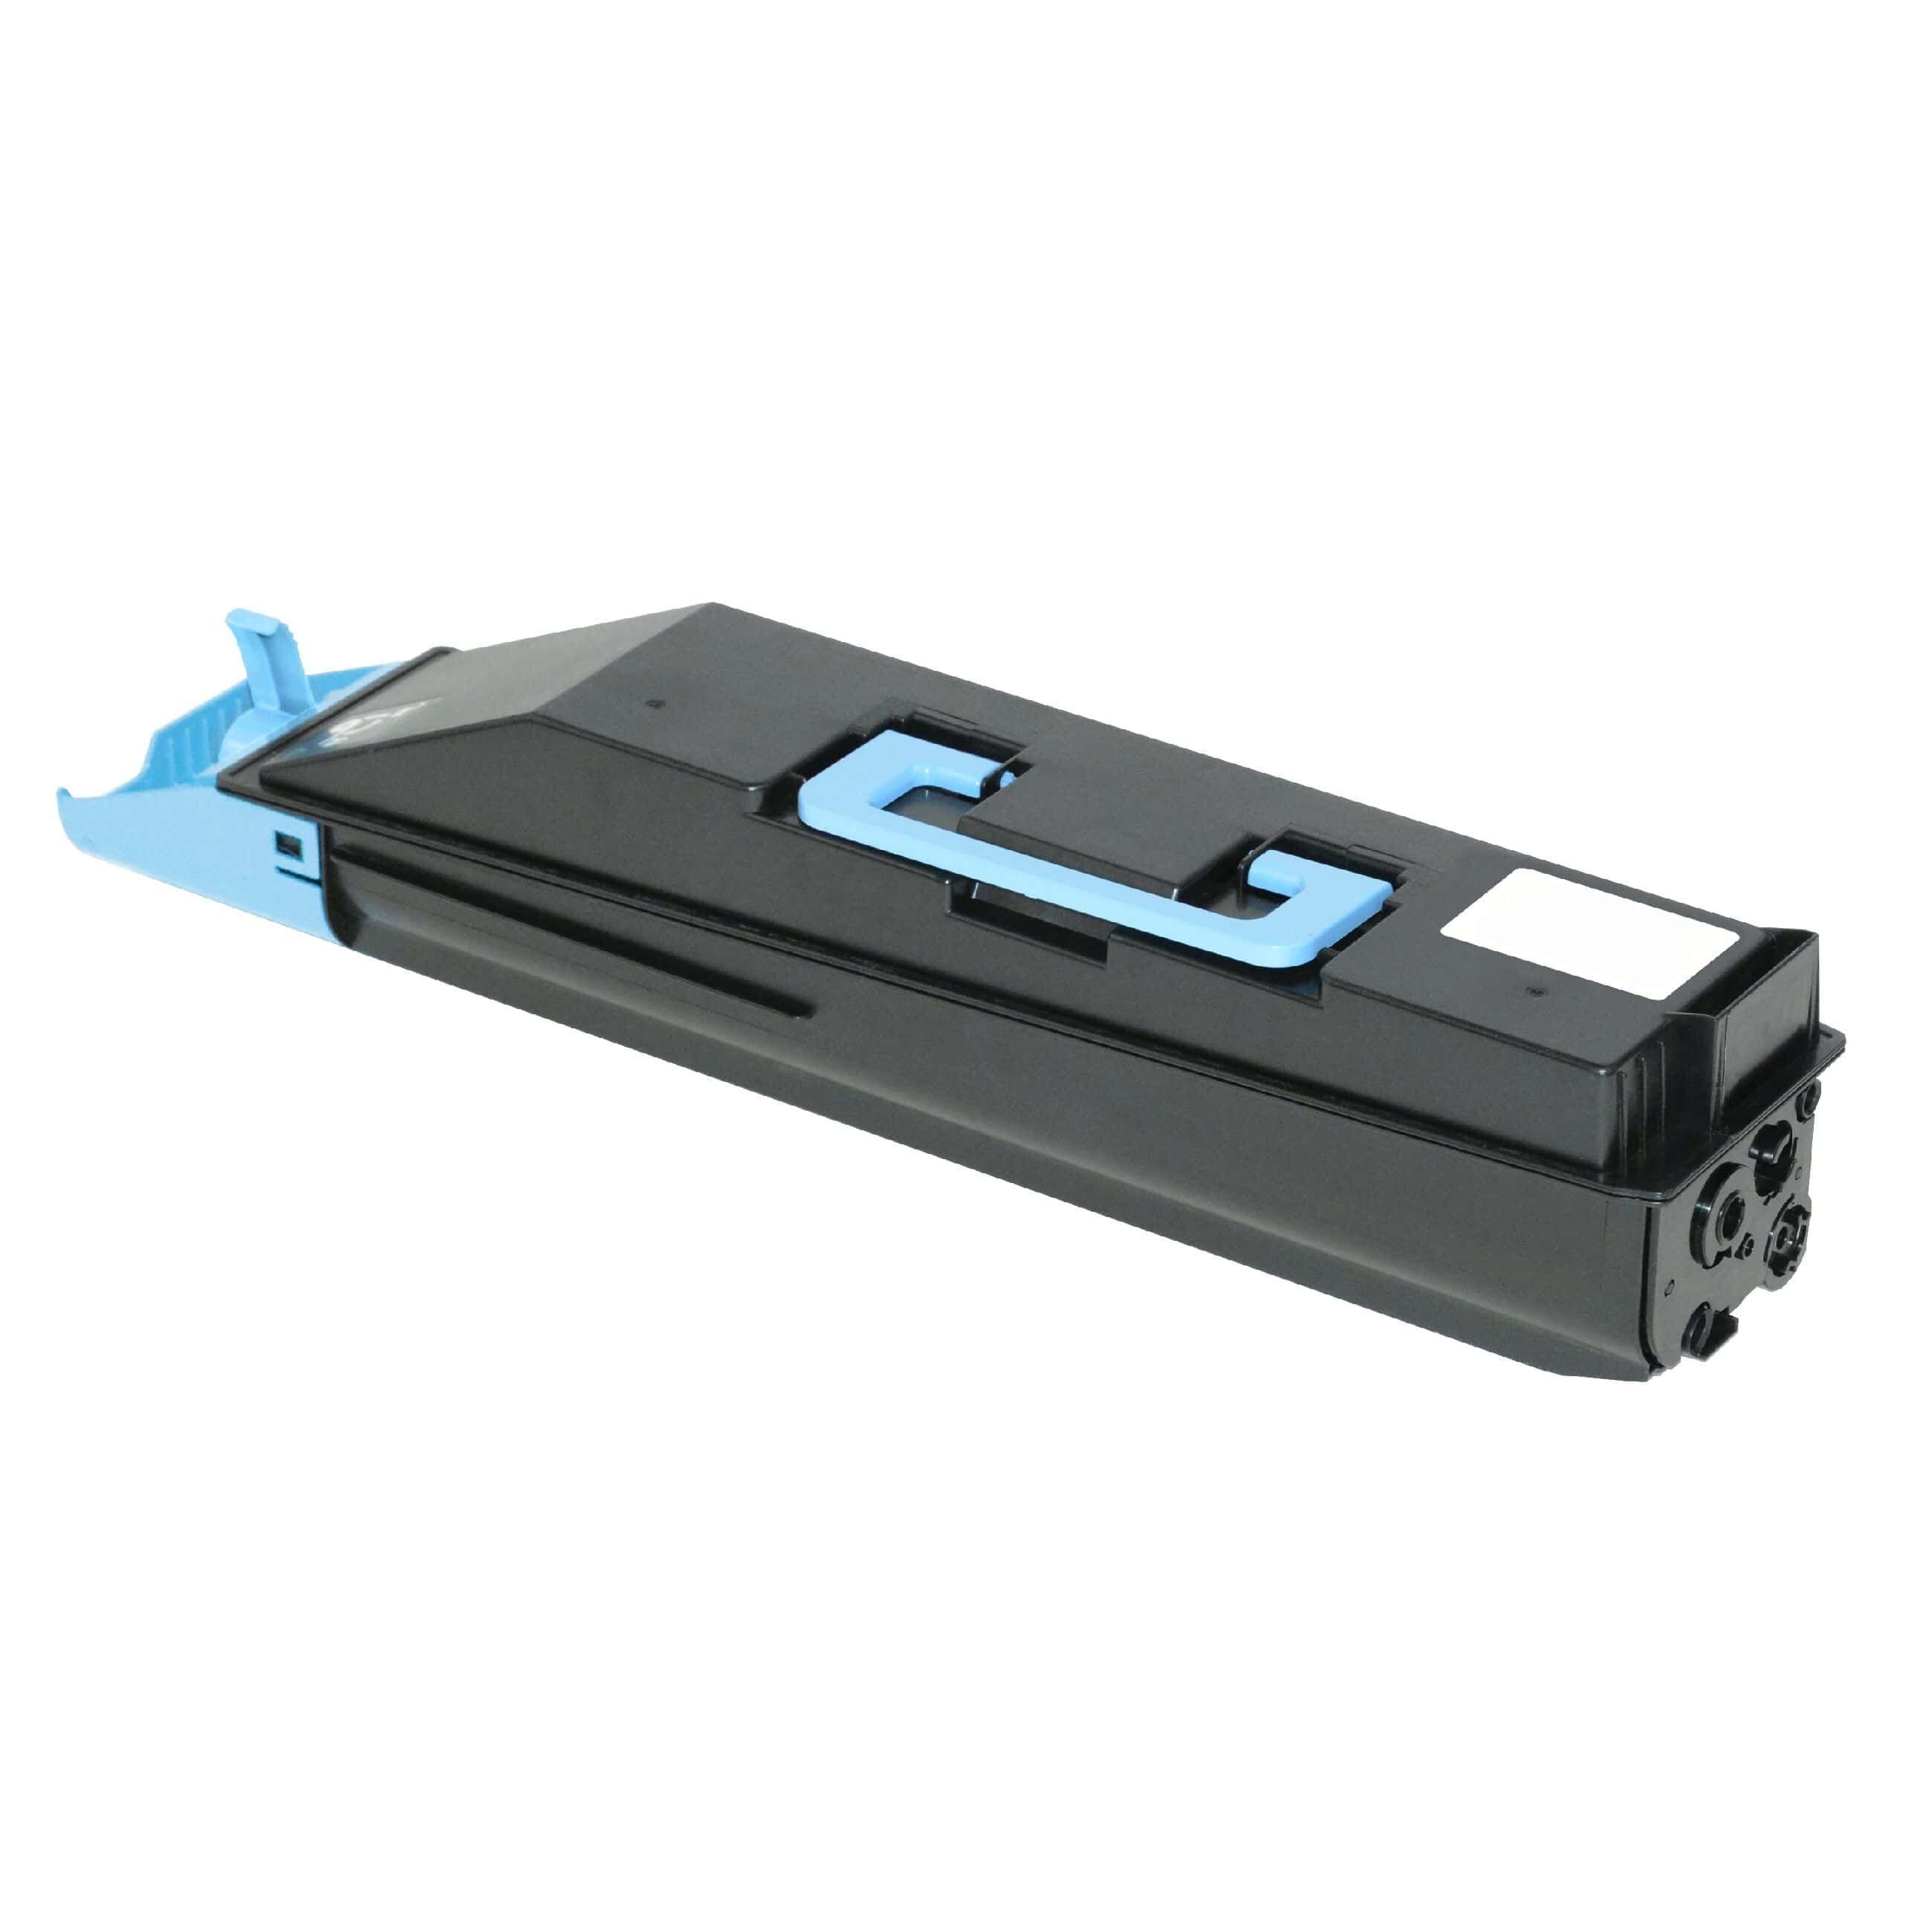 Utax Cartouche de Toner pour Utax 652510011 cyan compatible (de marque ASC)